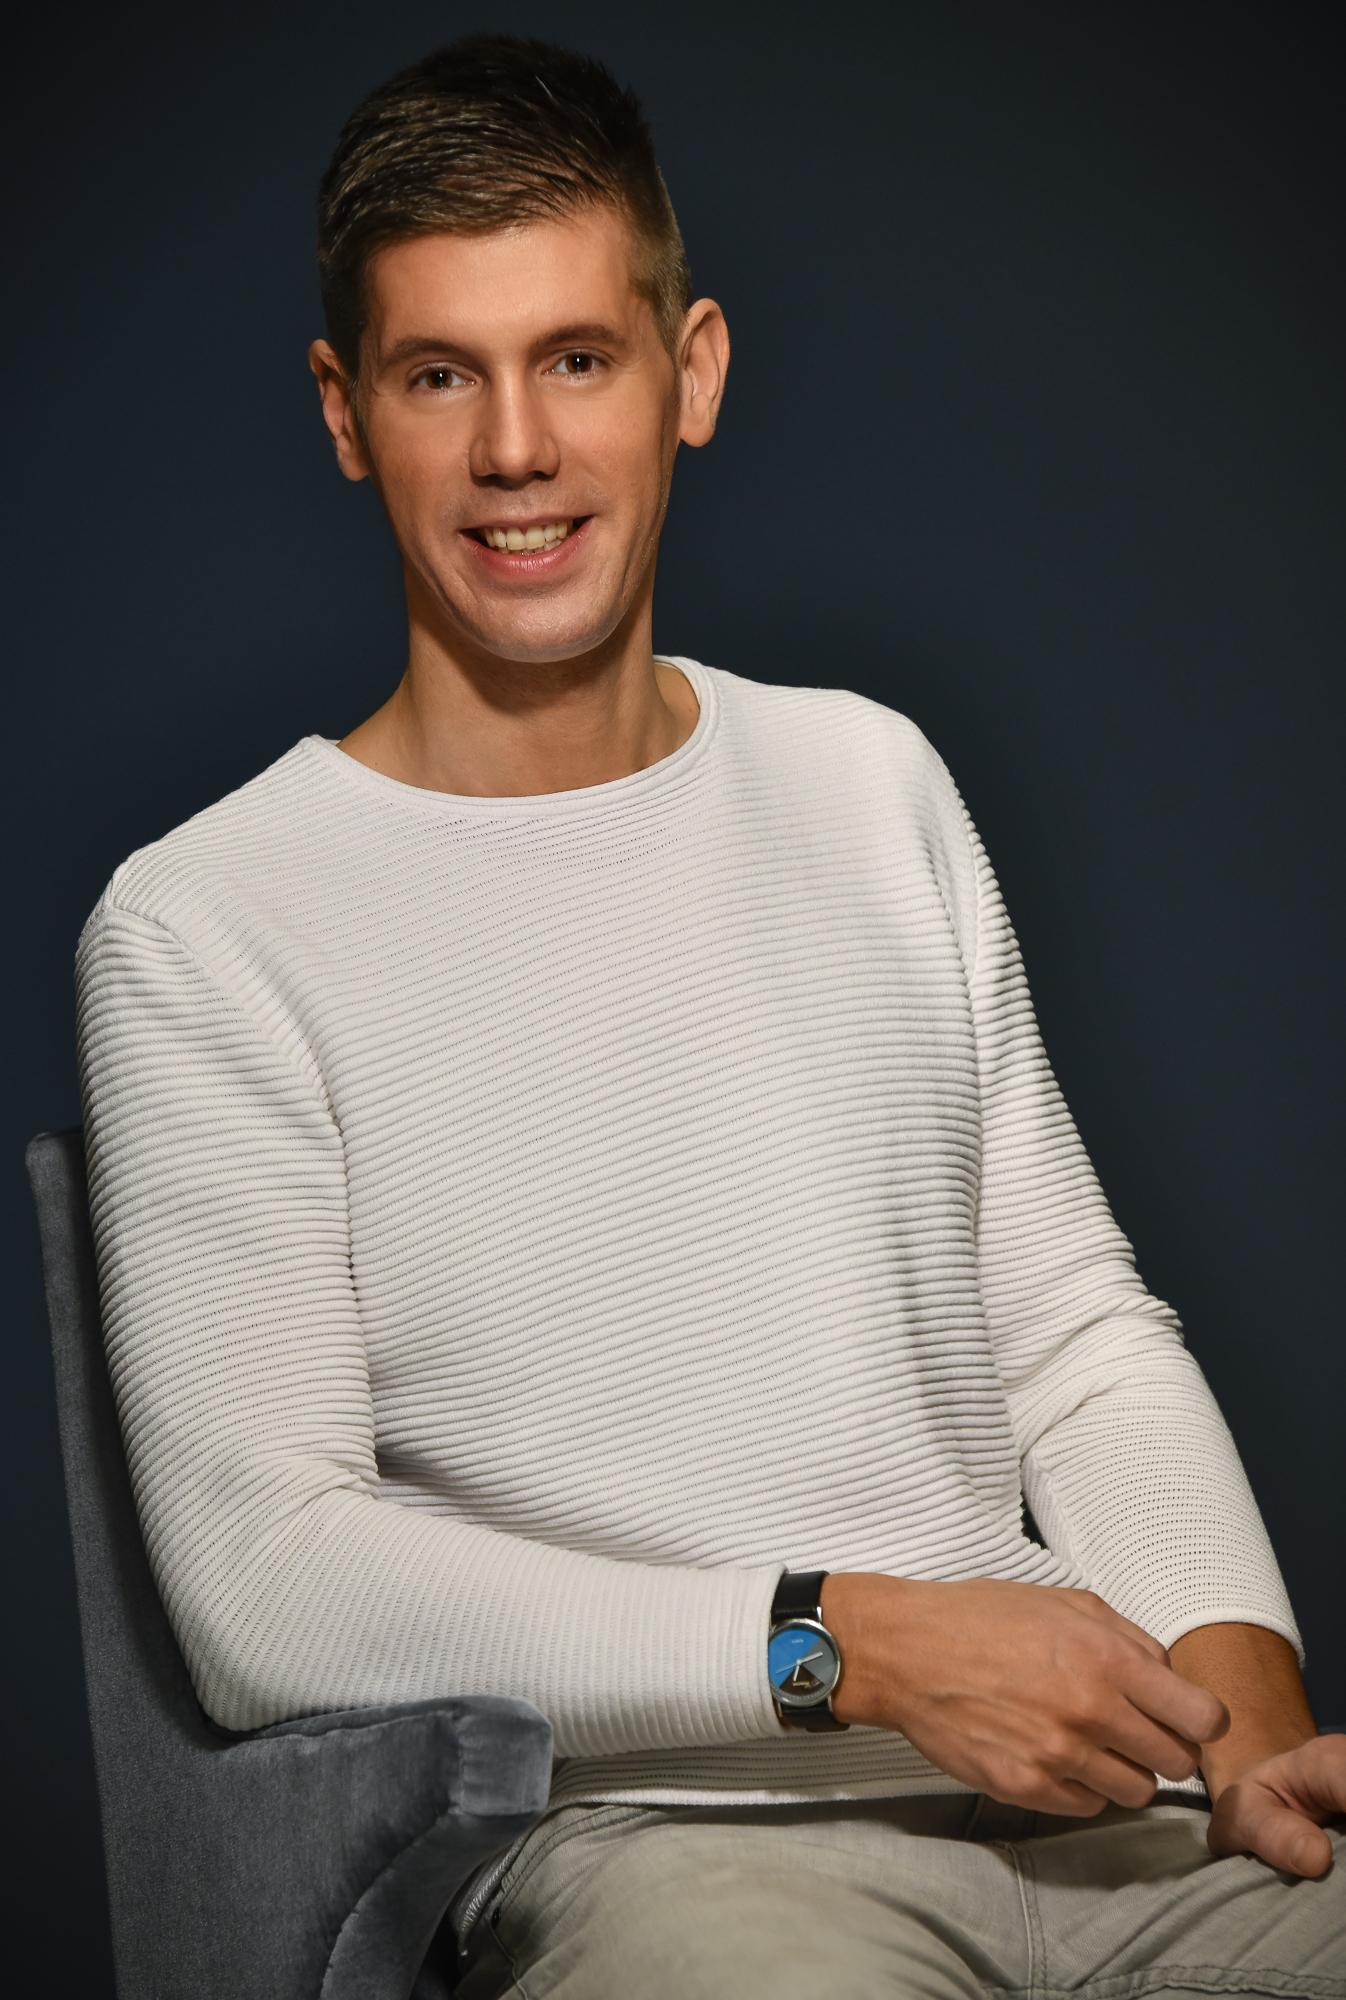 Jan Valušek